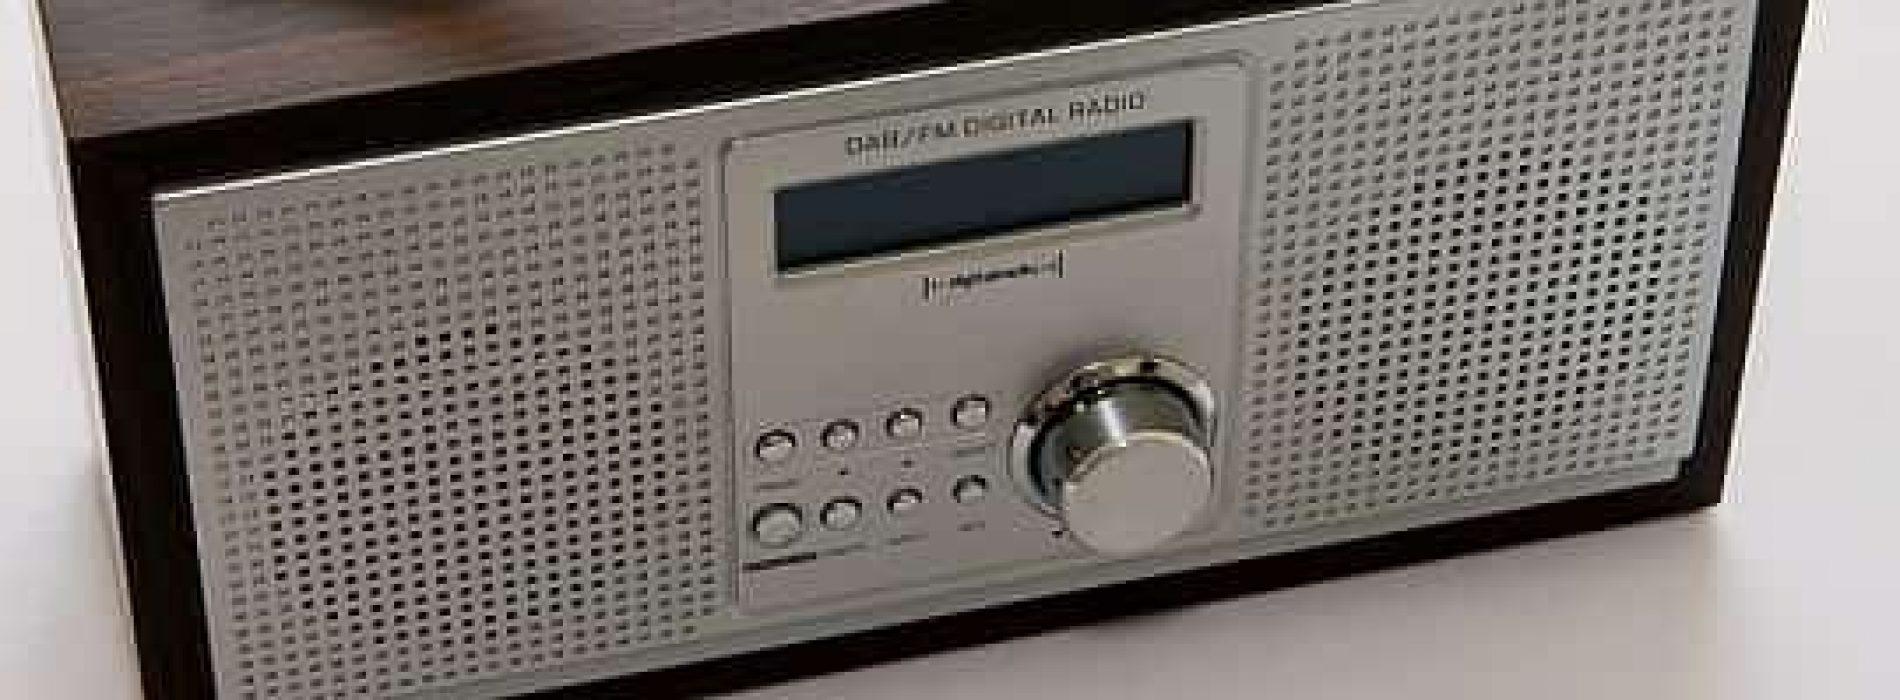 DAB RADIO – Test, testvinnere og kjøpeguide